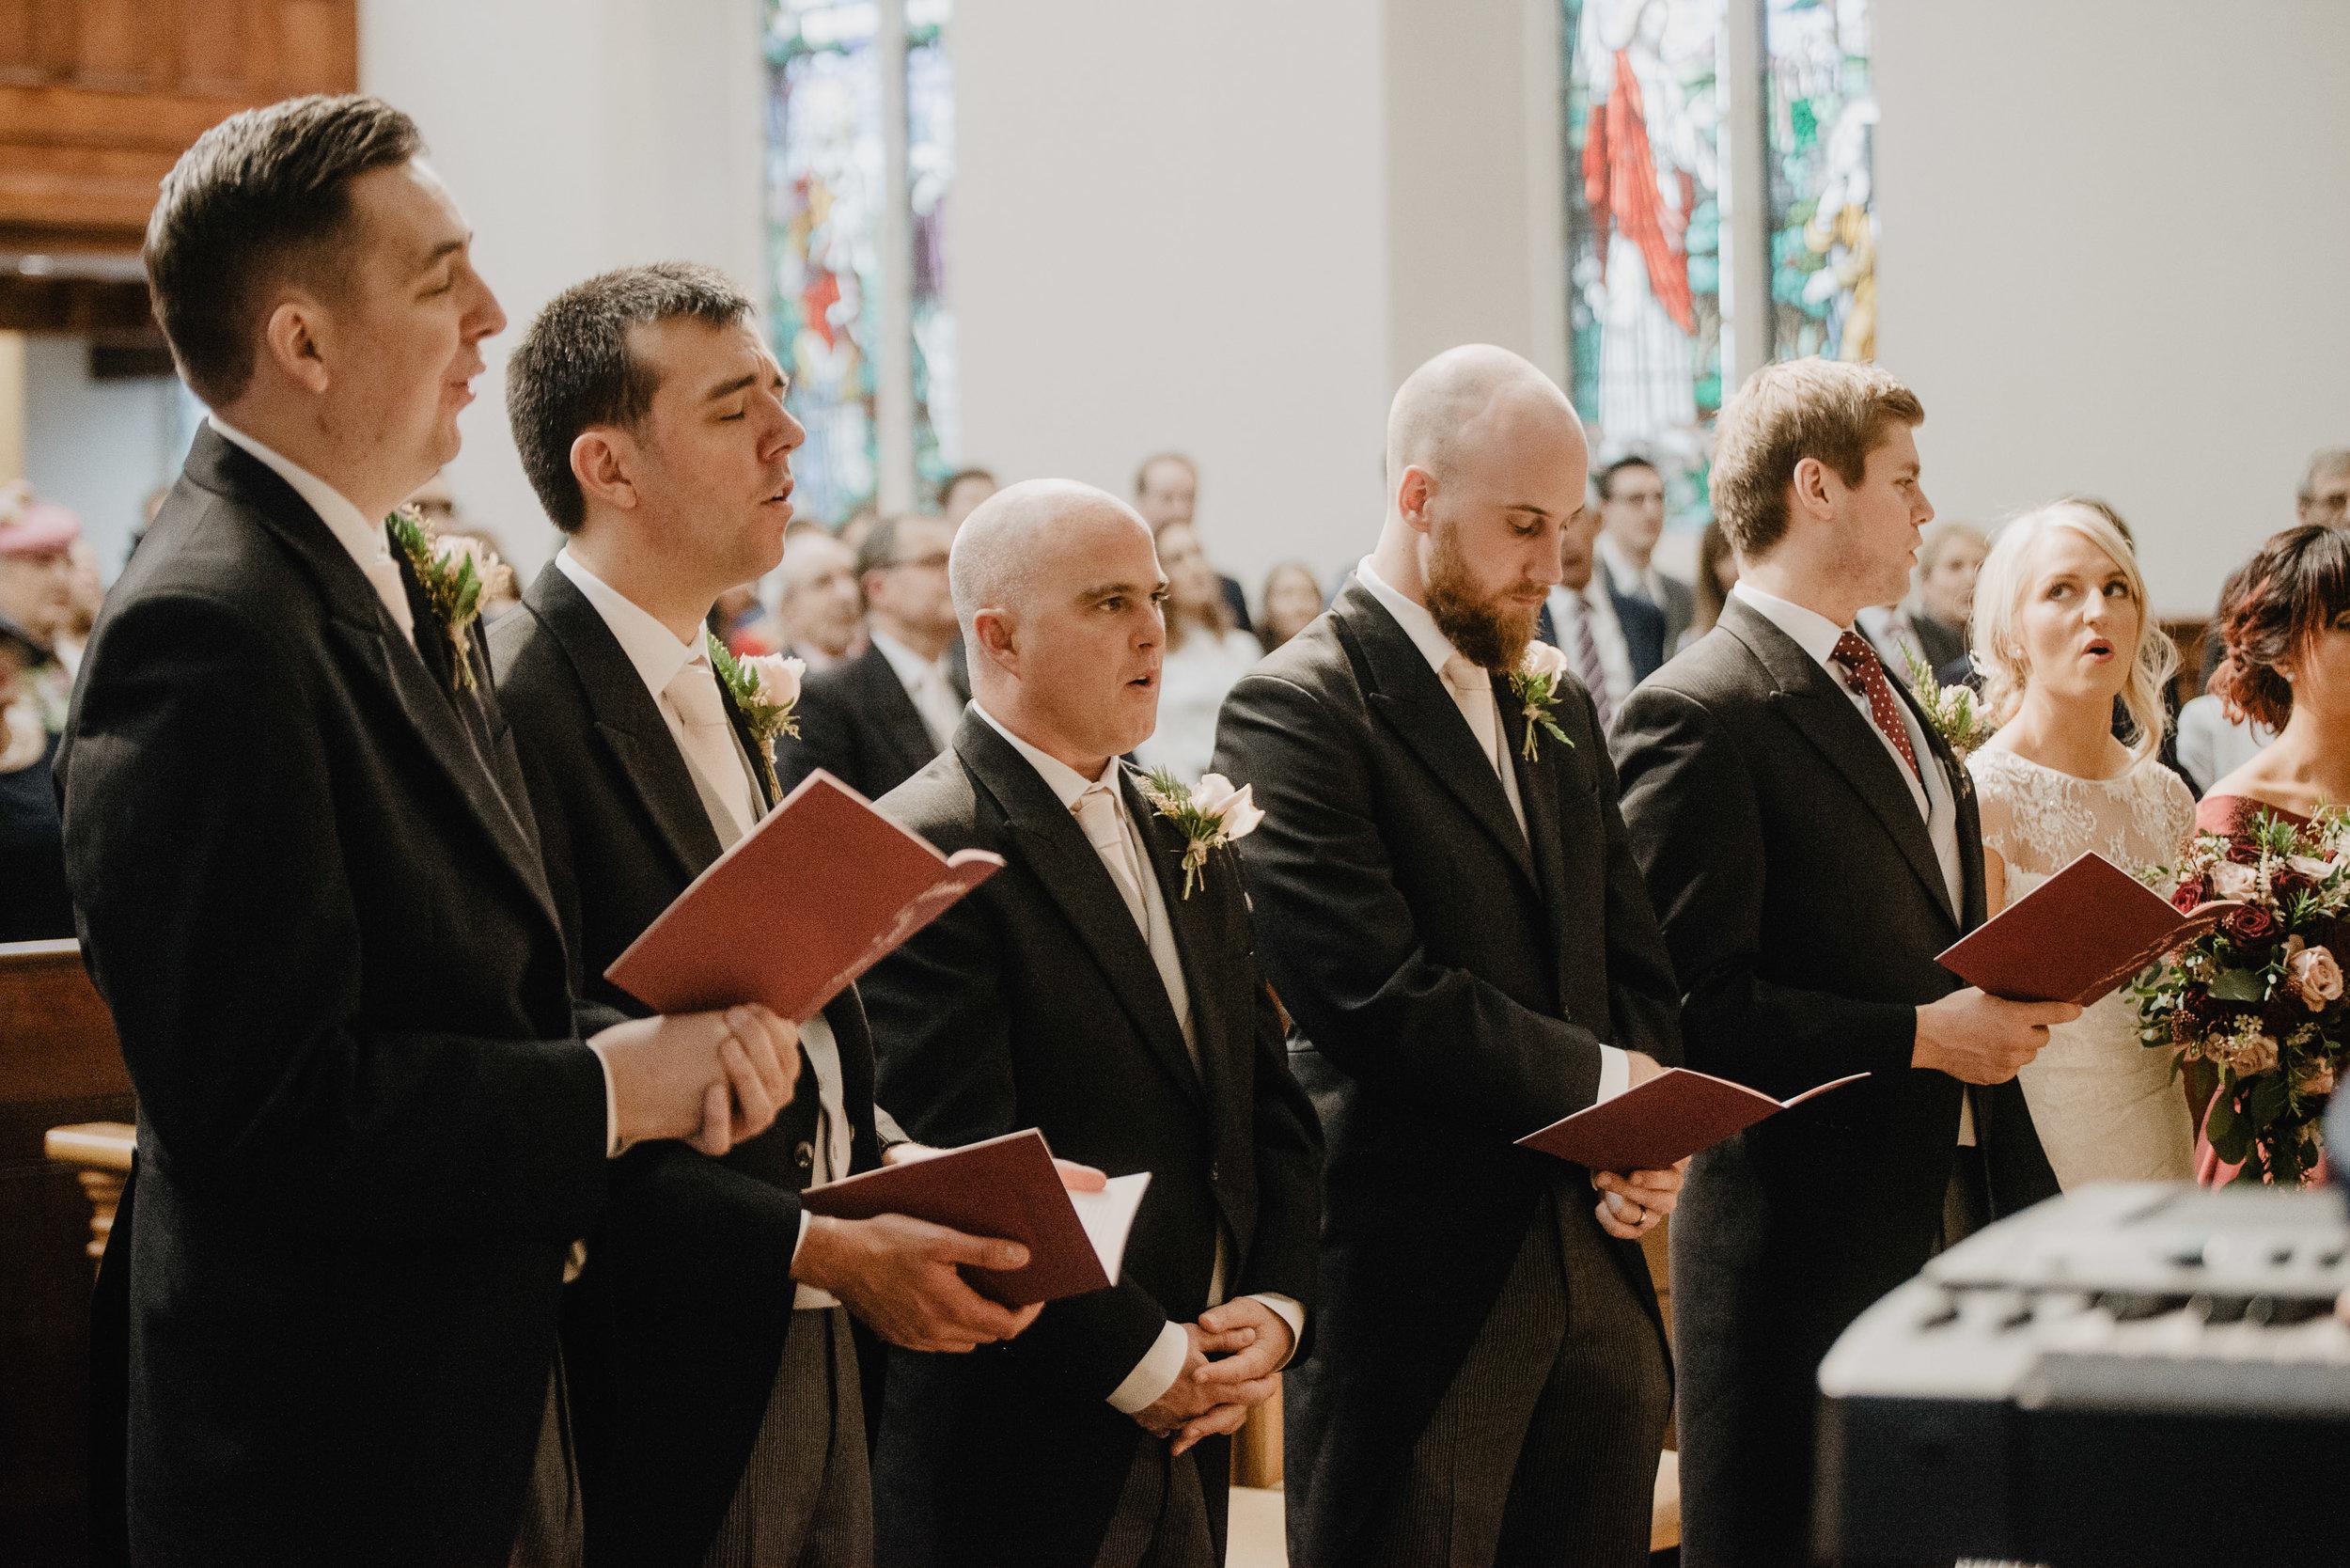 larchfield estate wedding photos-53.jpg